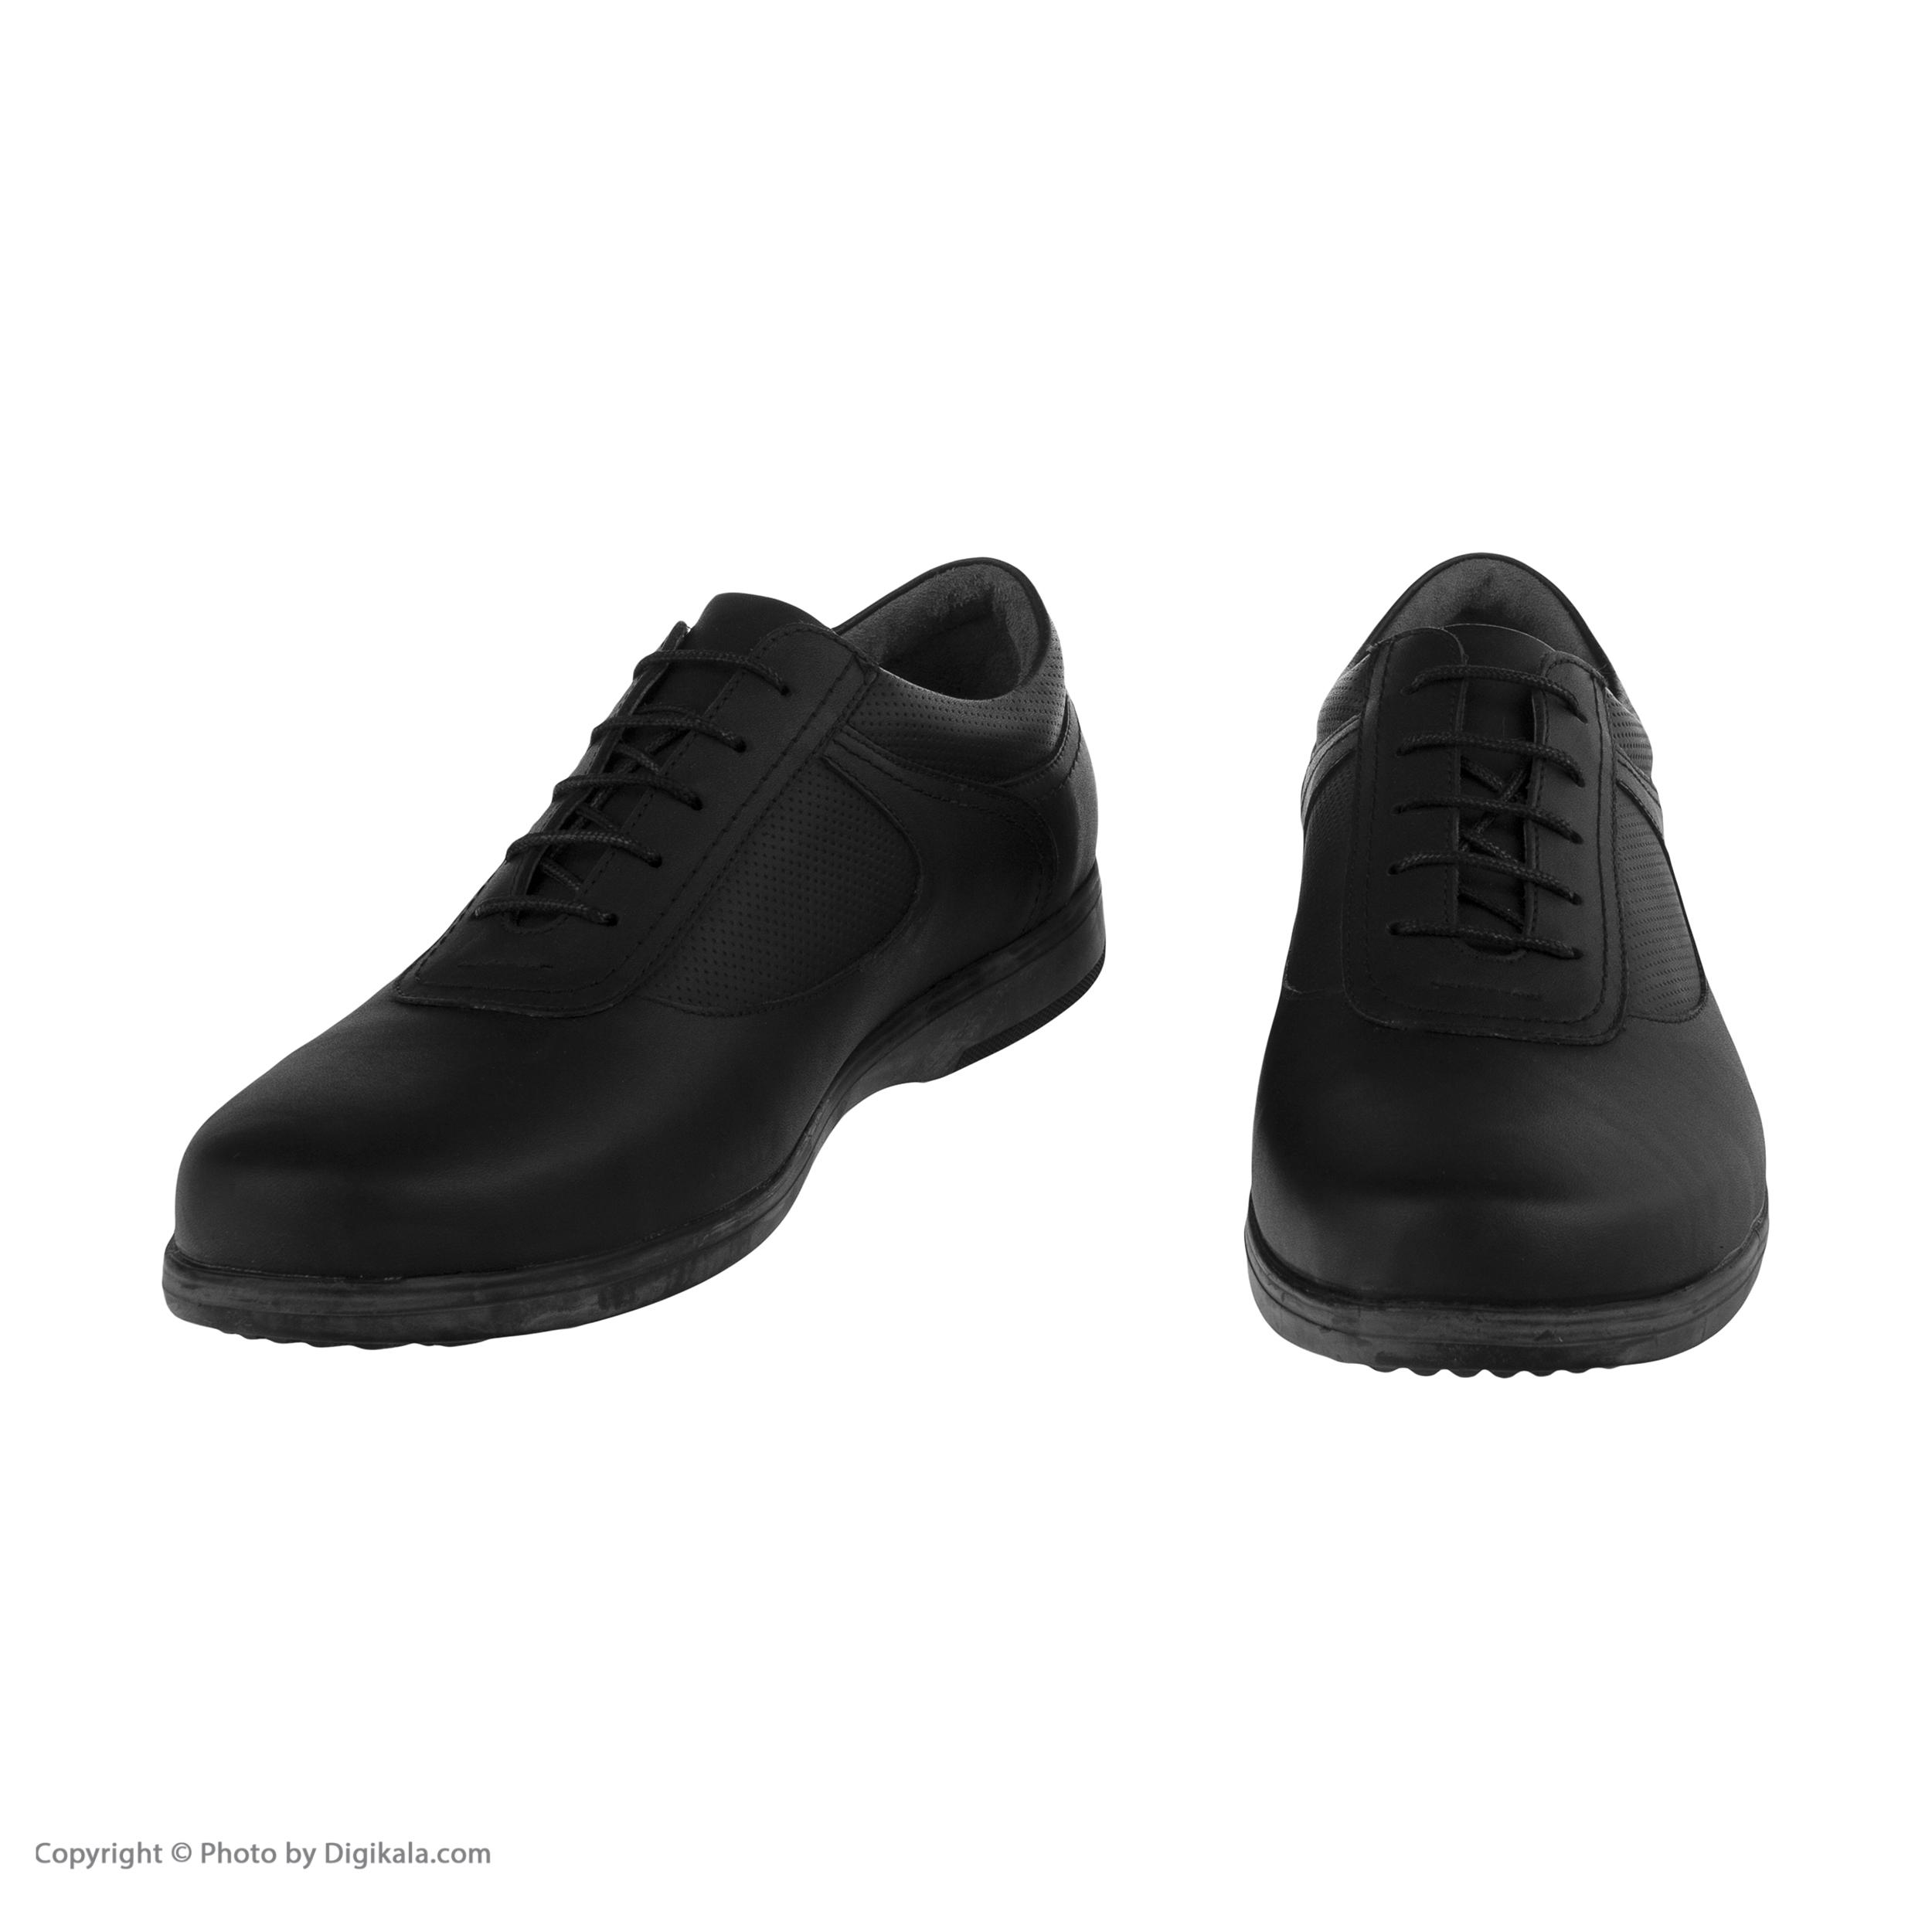 کفش روزمره مردانه سوته مدل 5017A503101 -  - 5